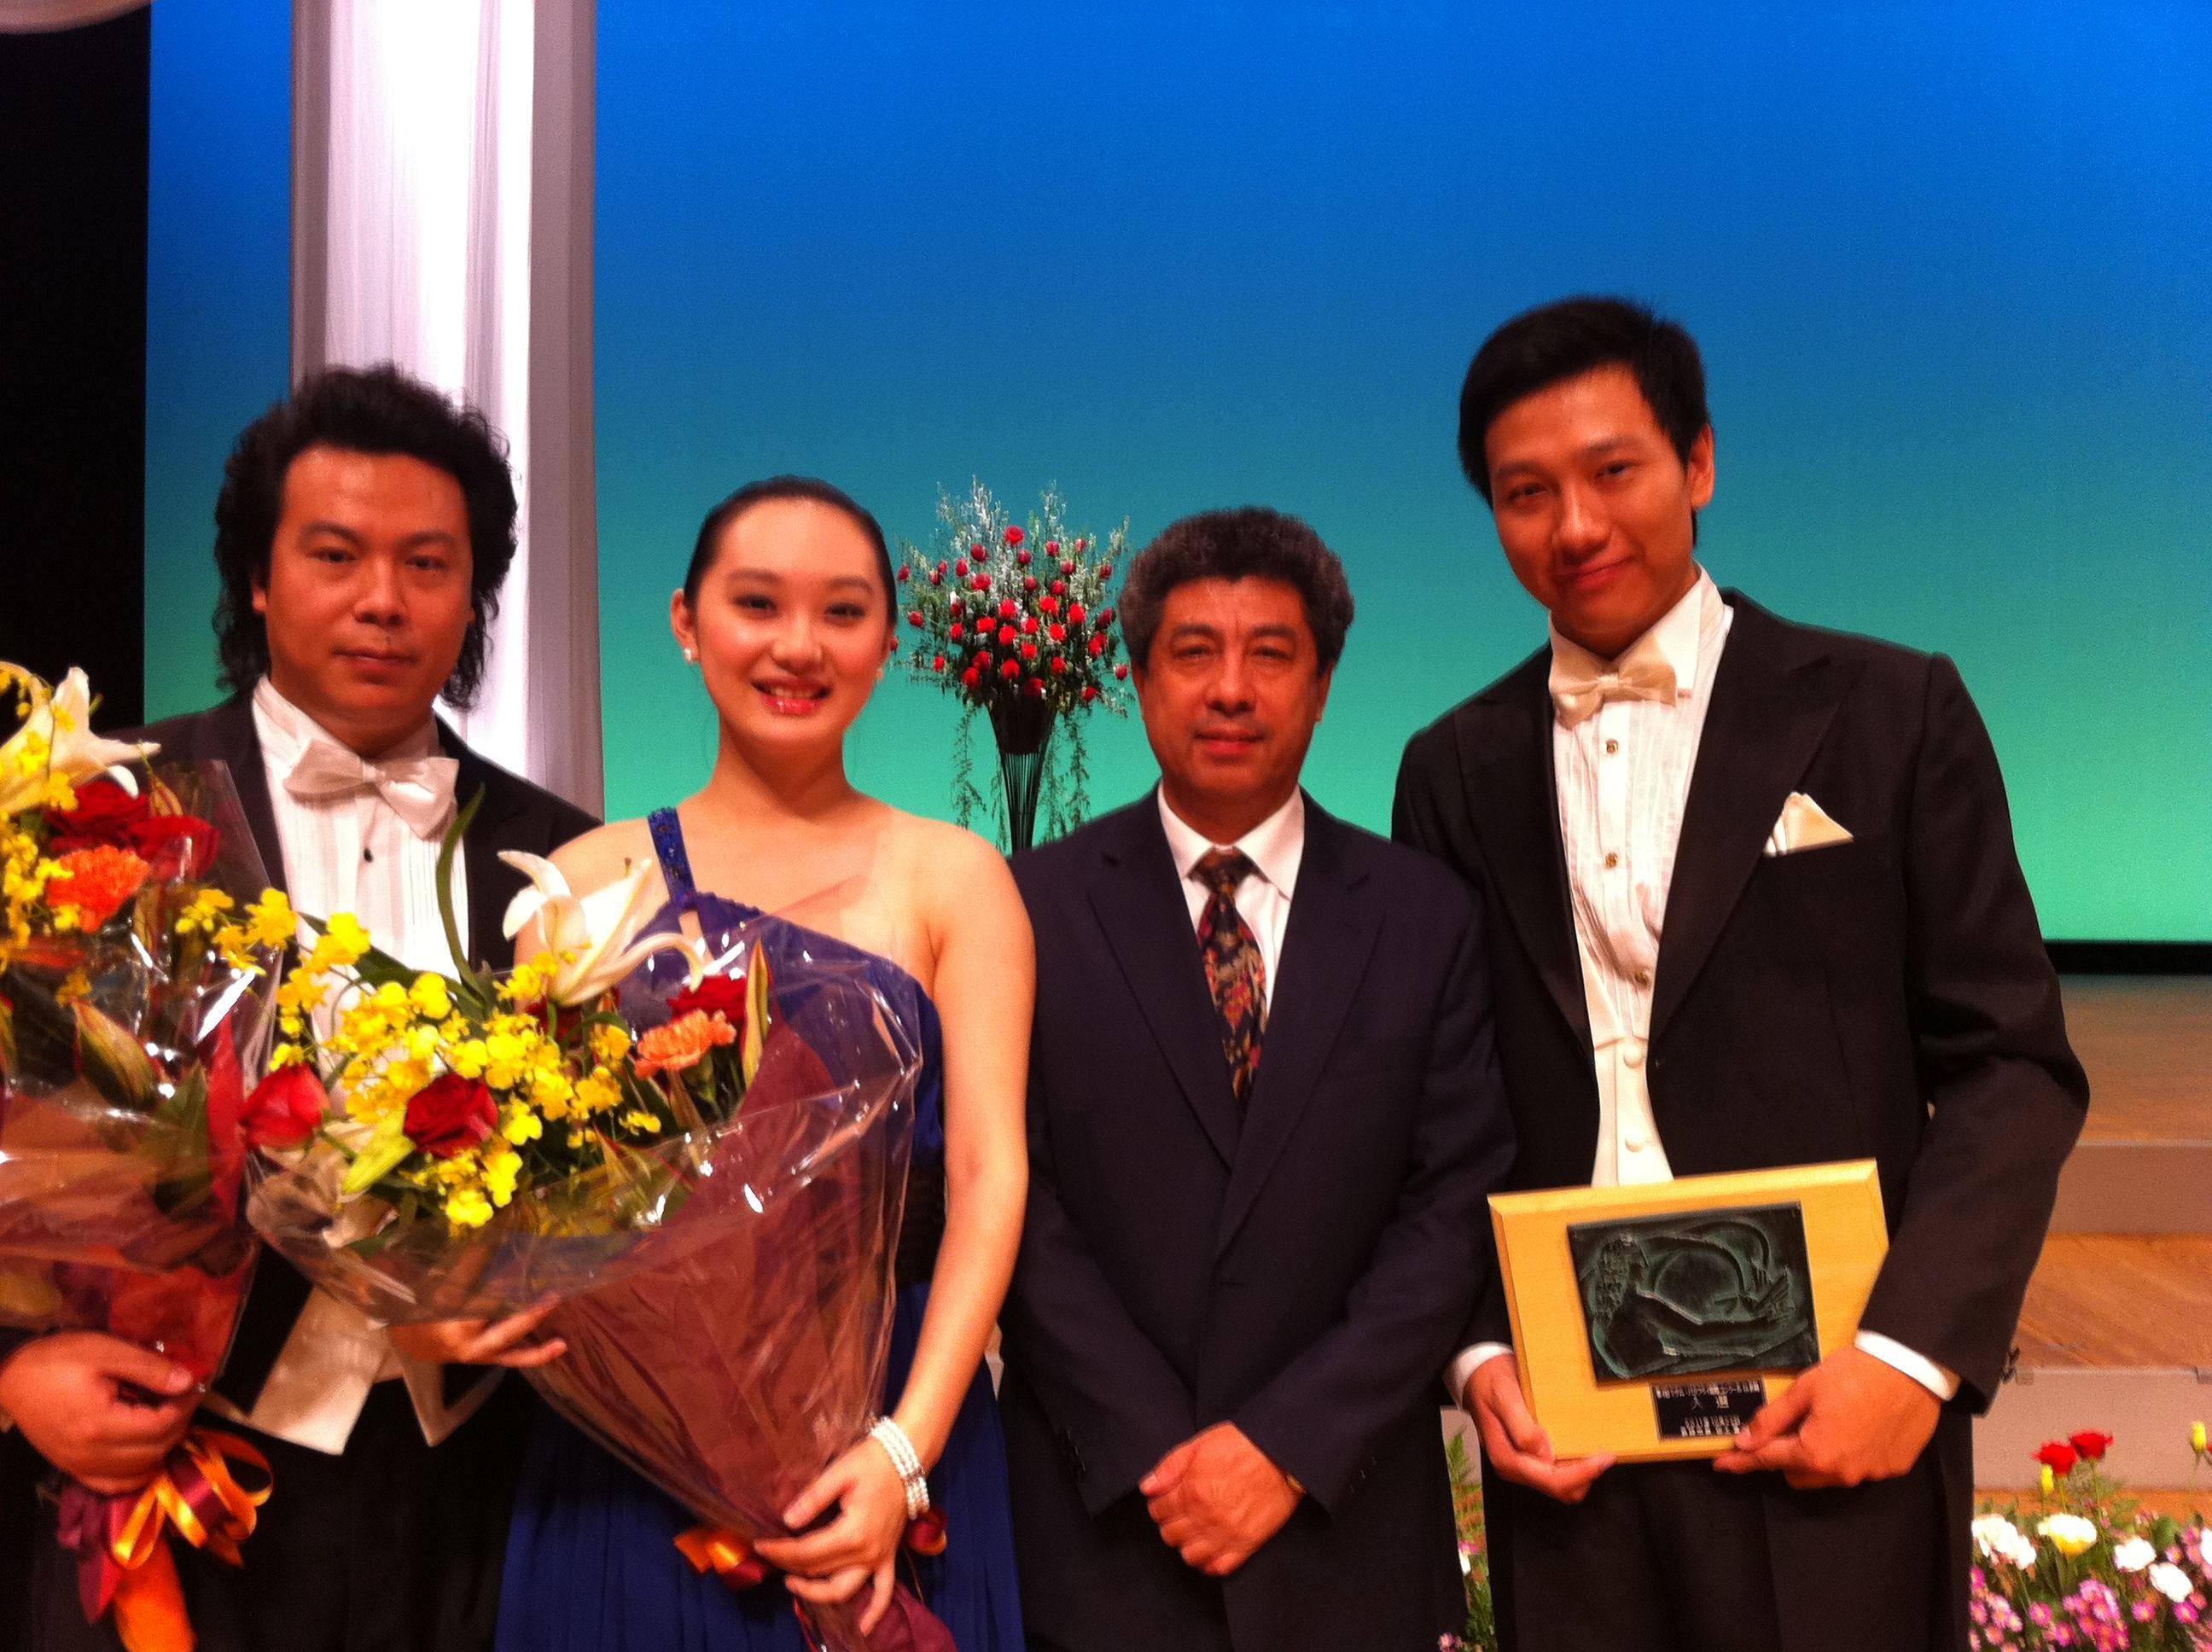 王宪林教授和他的学生们